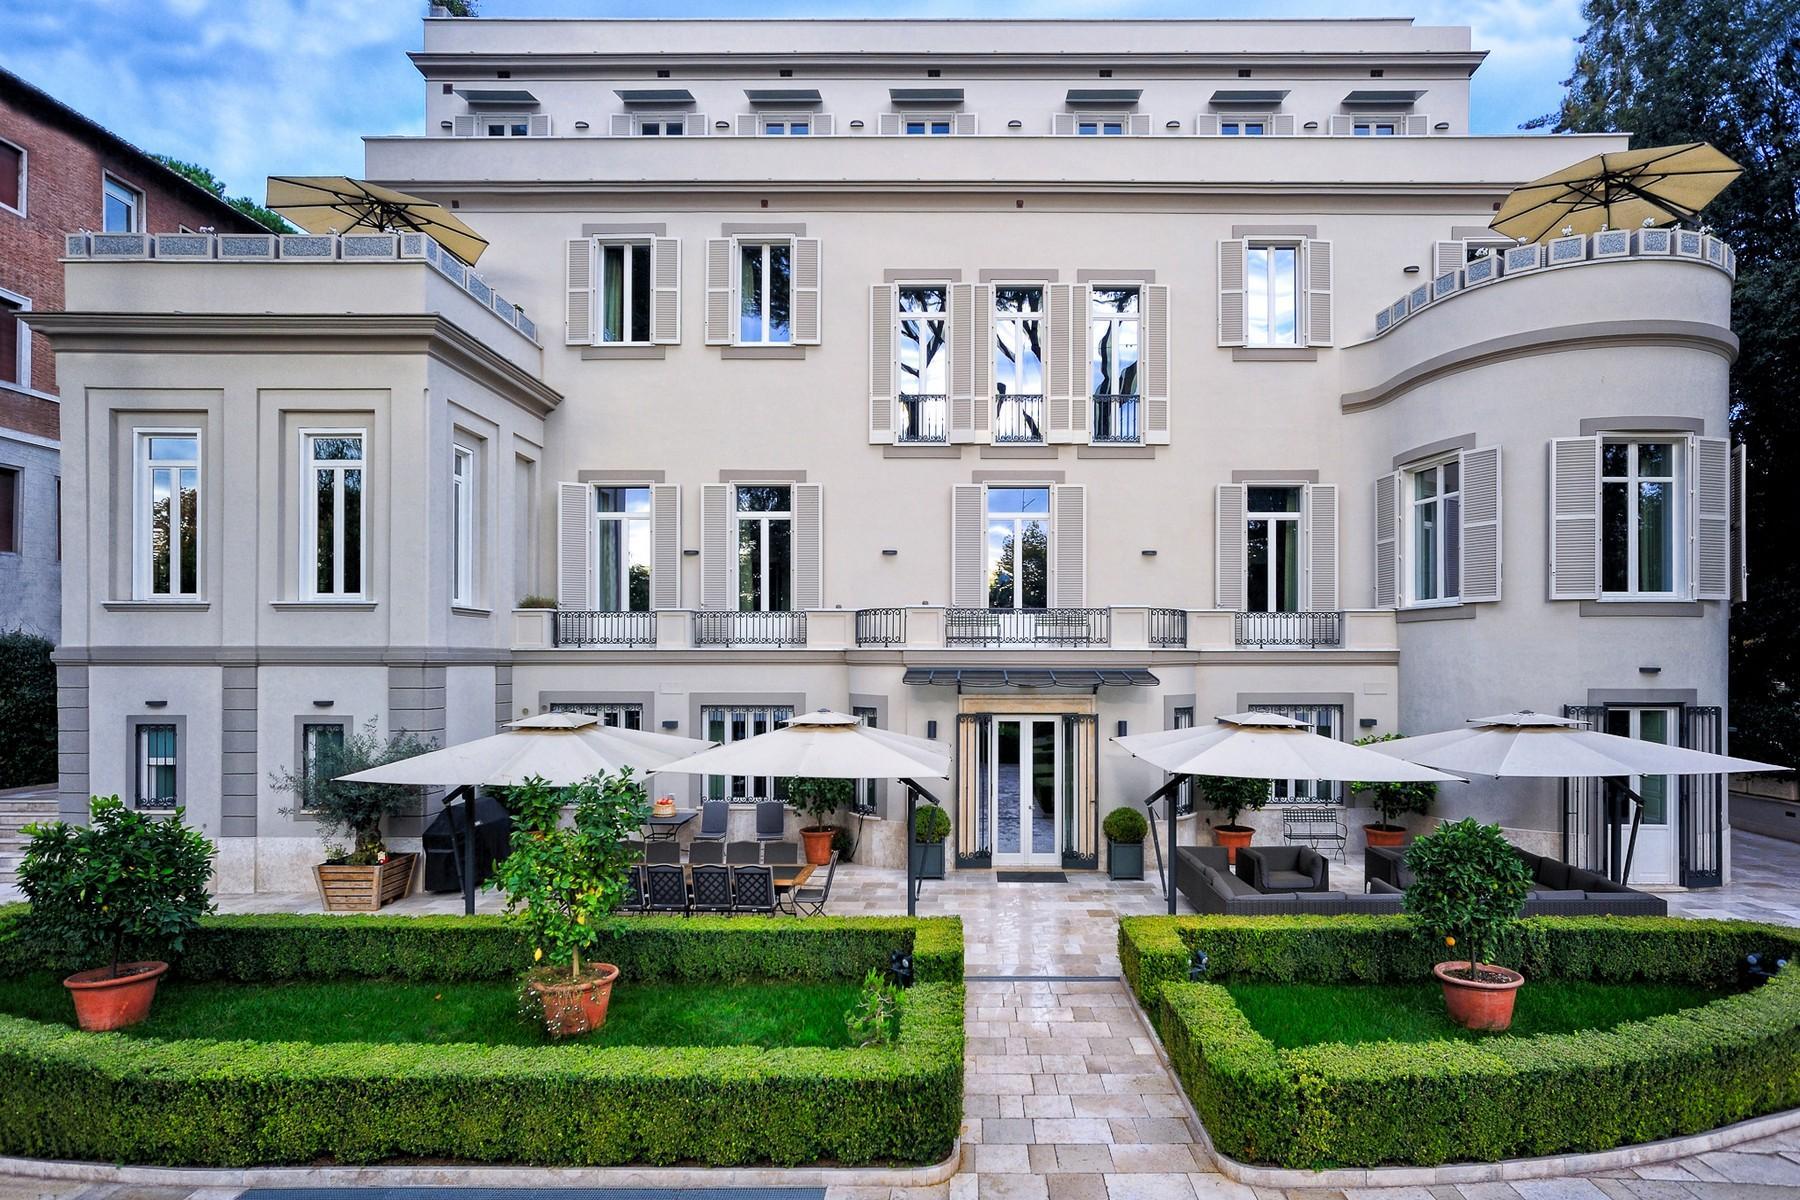 绿色罗马市中心内富有格调和风格的别墅 - 2